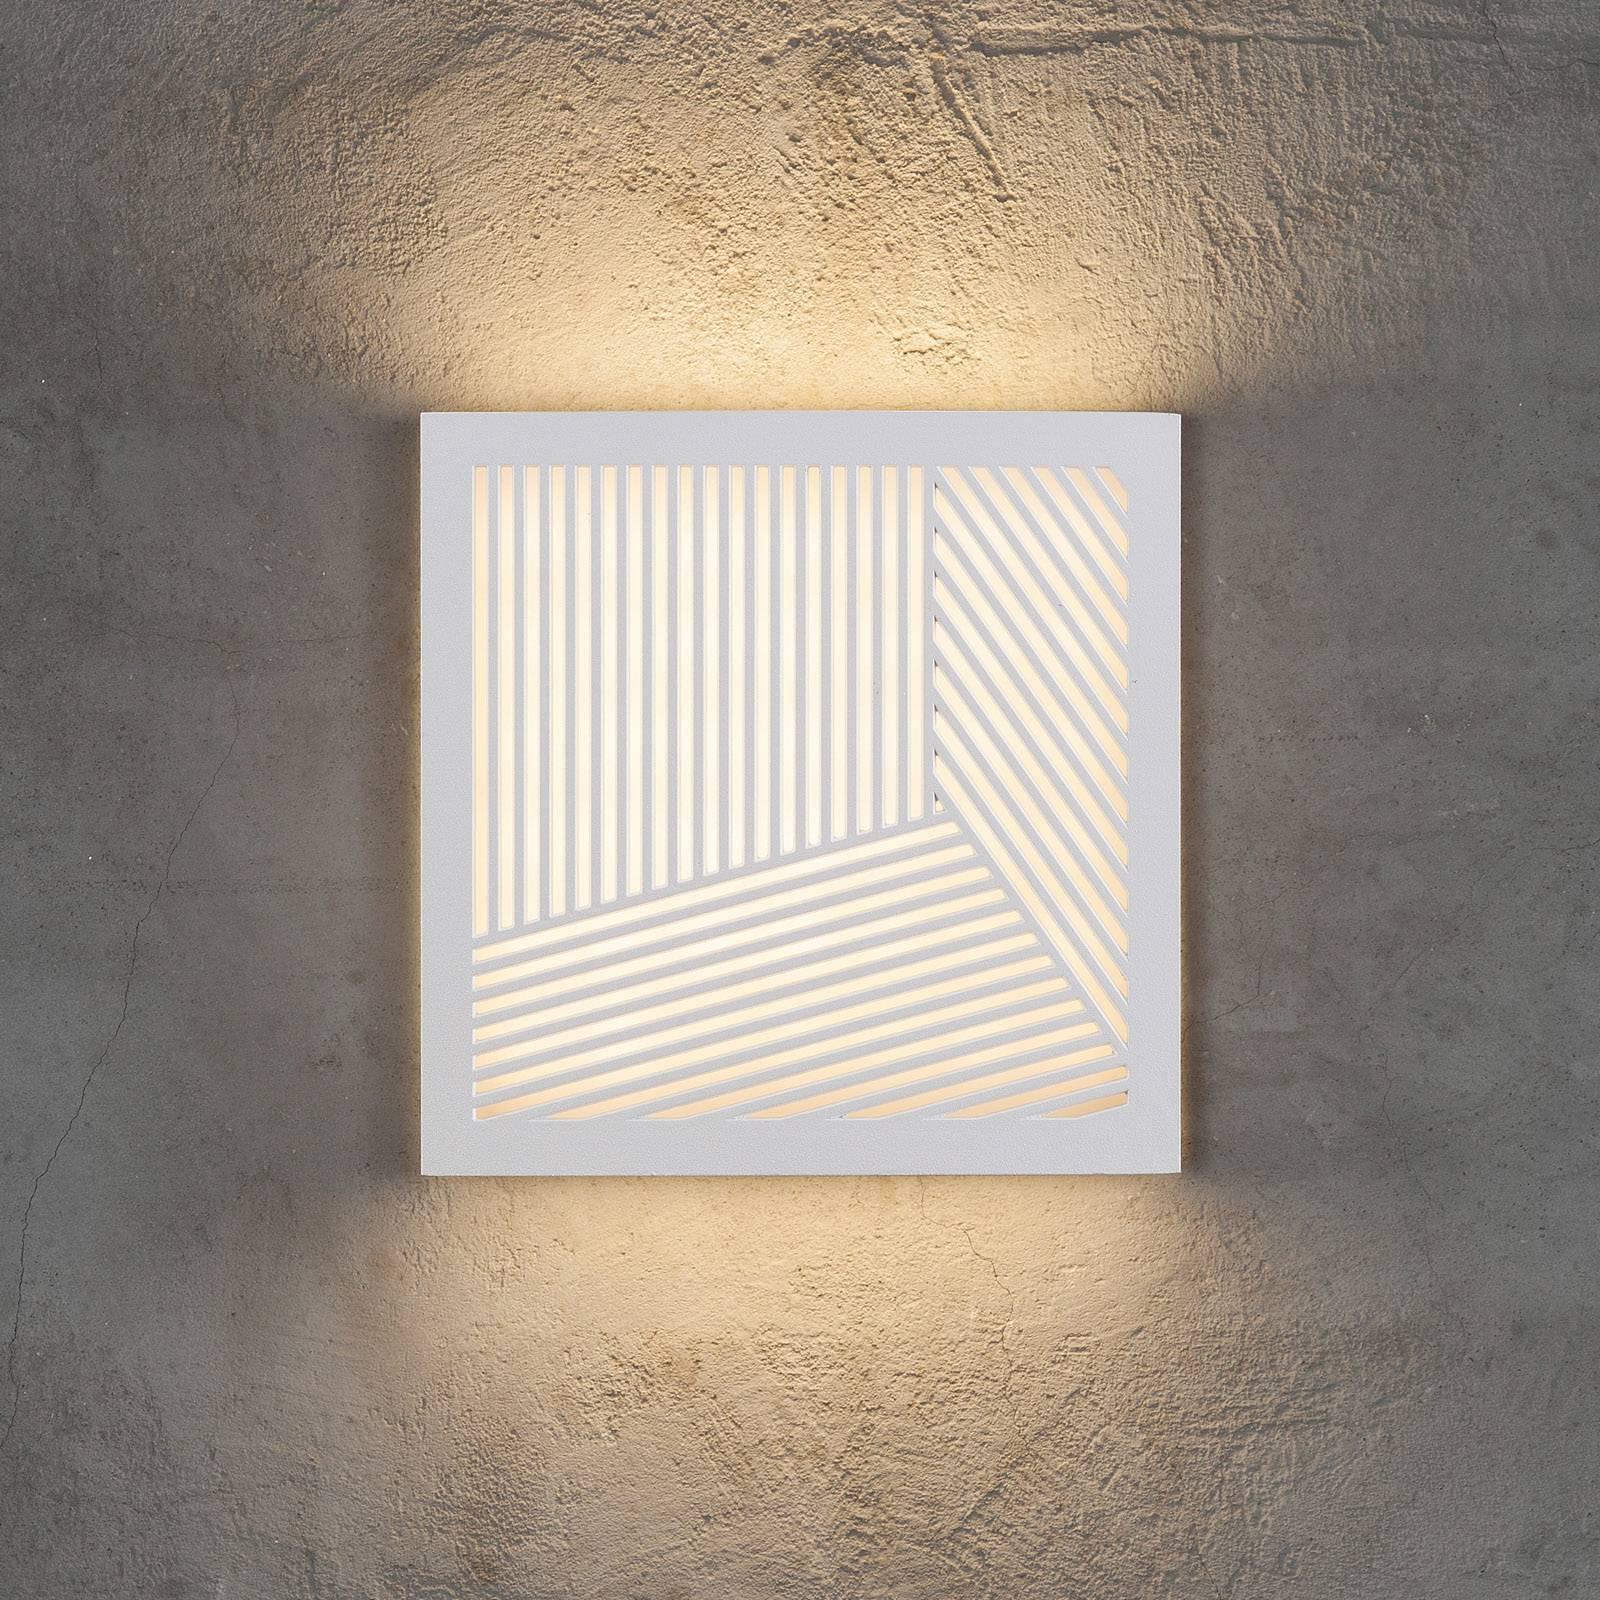 LED-ulkoseinävalaisin Maze Straight, valkoinen